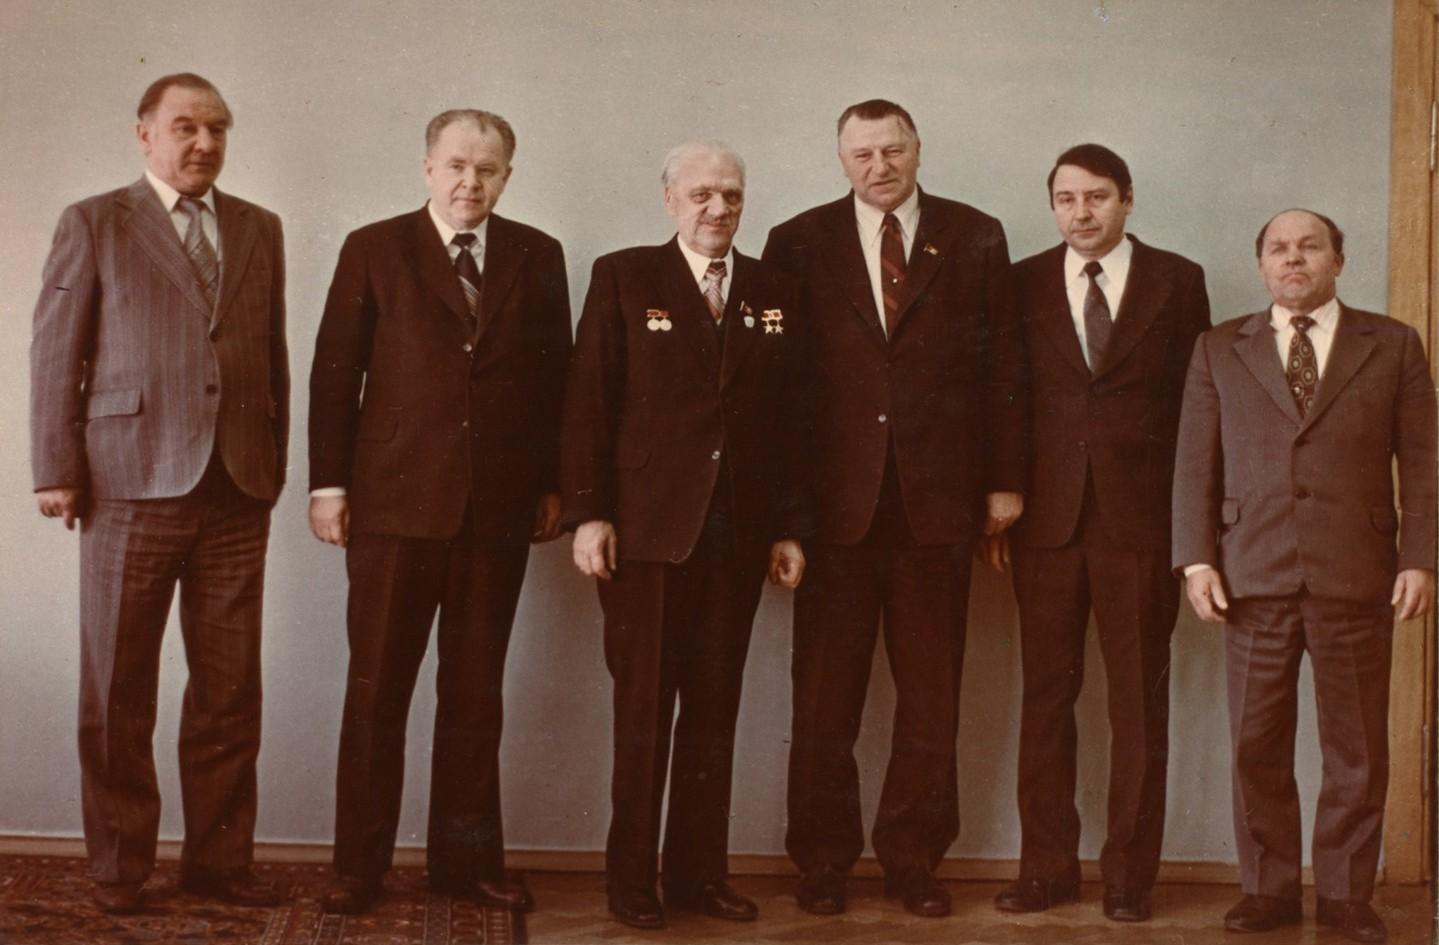 Н.А. Пилюгин – третий слева, рядом с ним, справа С.А. Афанасьев – министр общего машиностроения СССР. 1978 г.